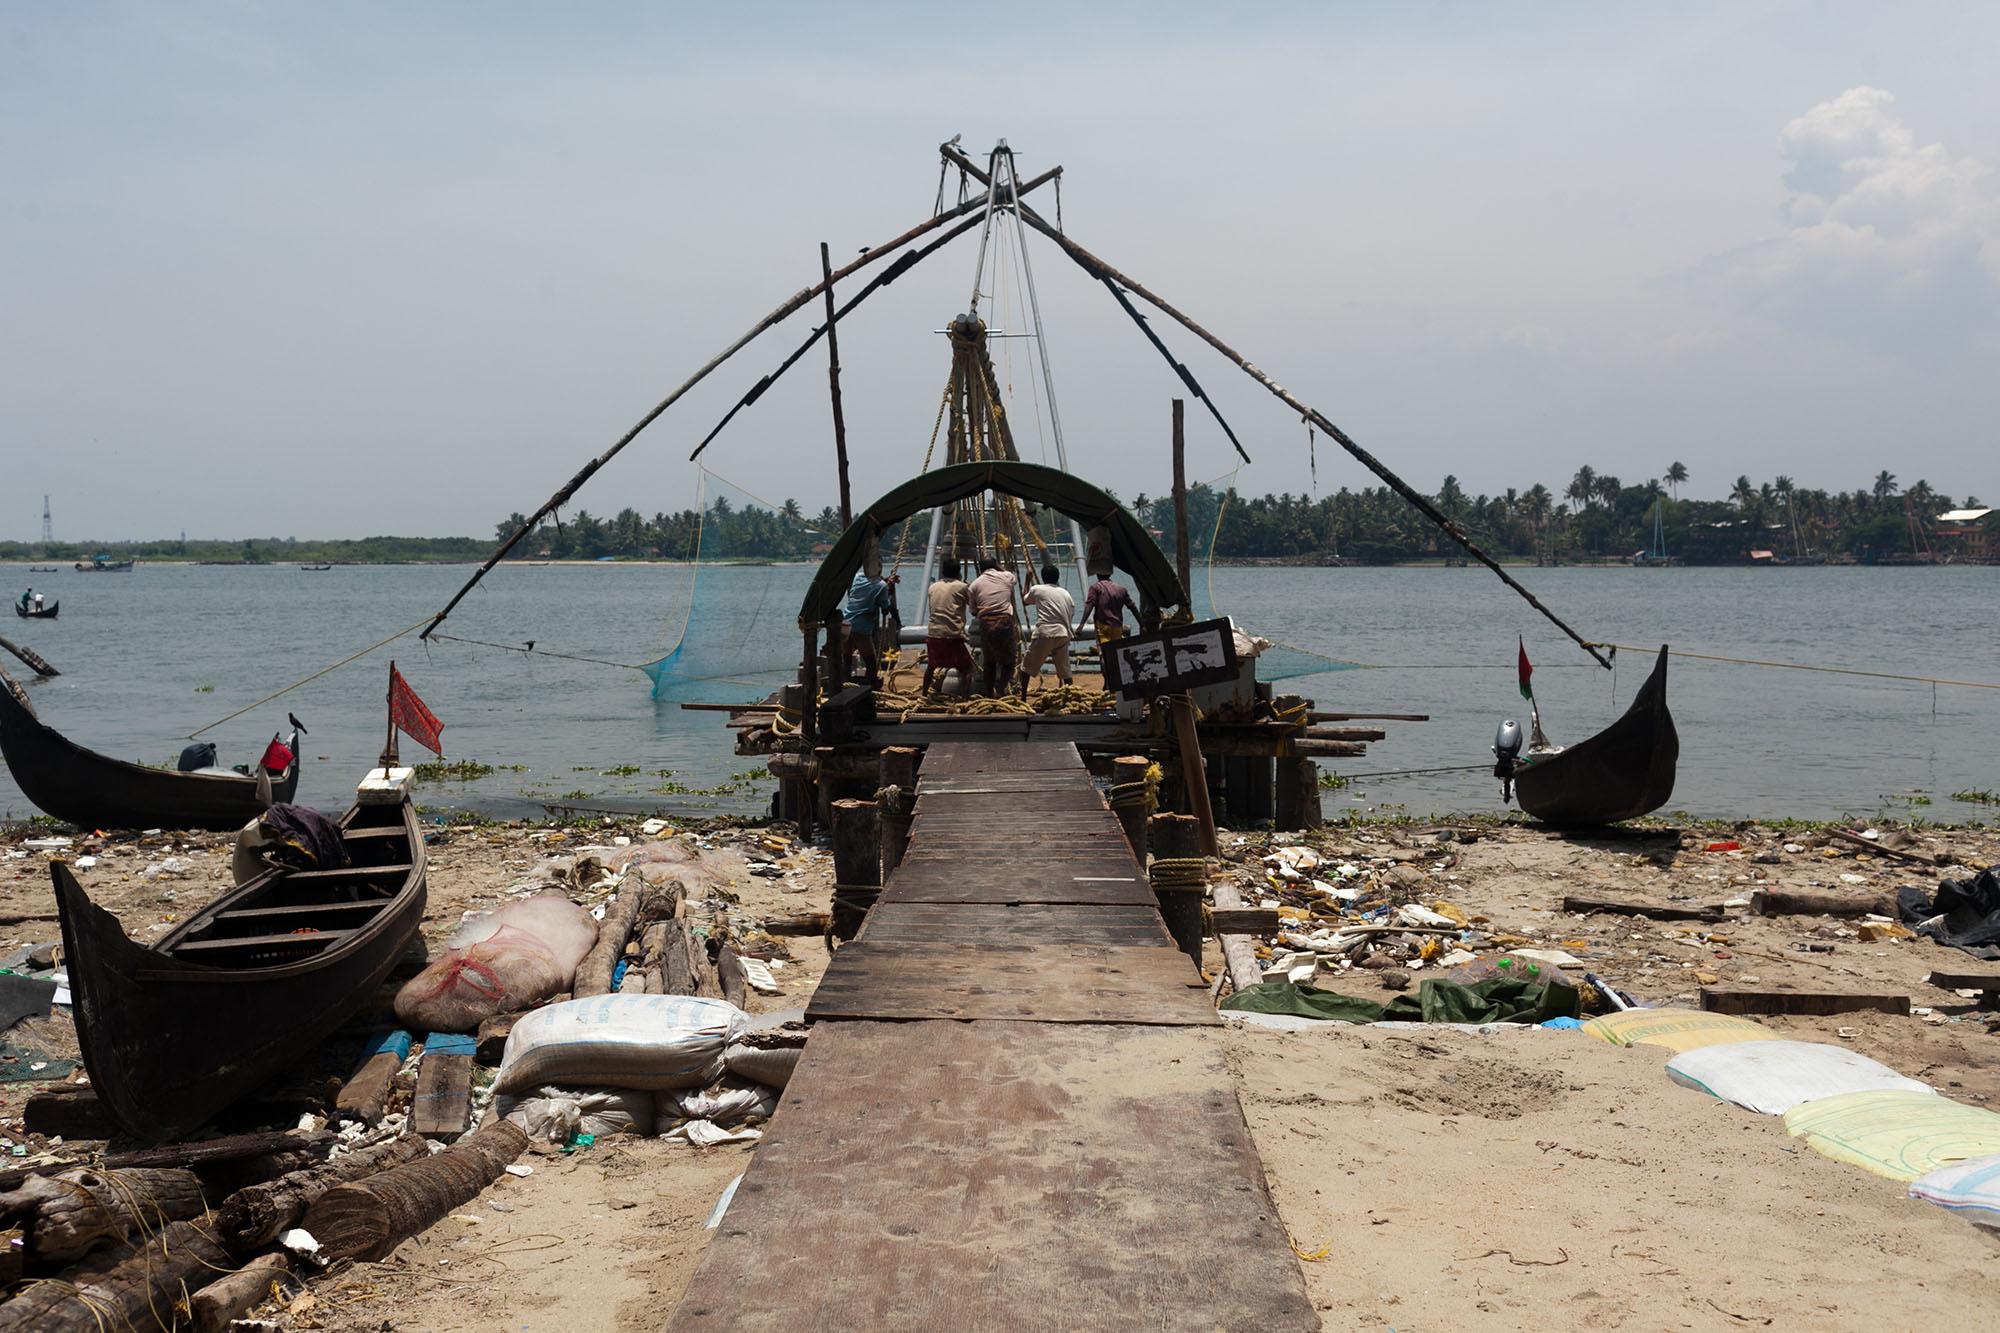 Fishermen fishing with their wooden fishing mechanisms in Kochi, India (Cochin) in Kerala.